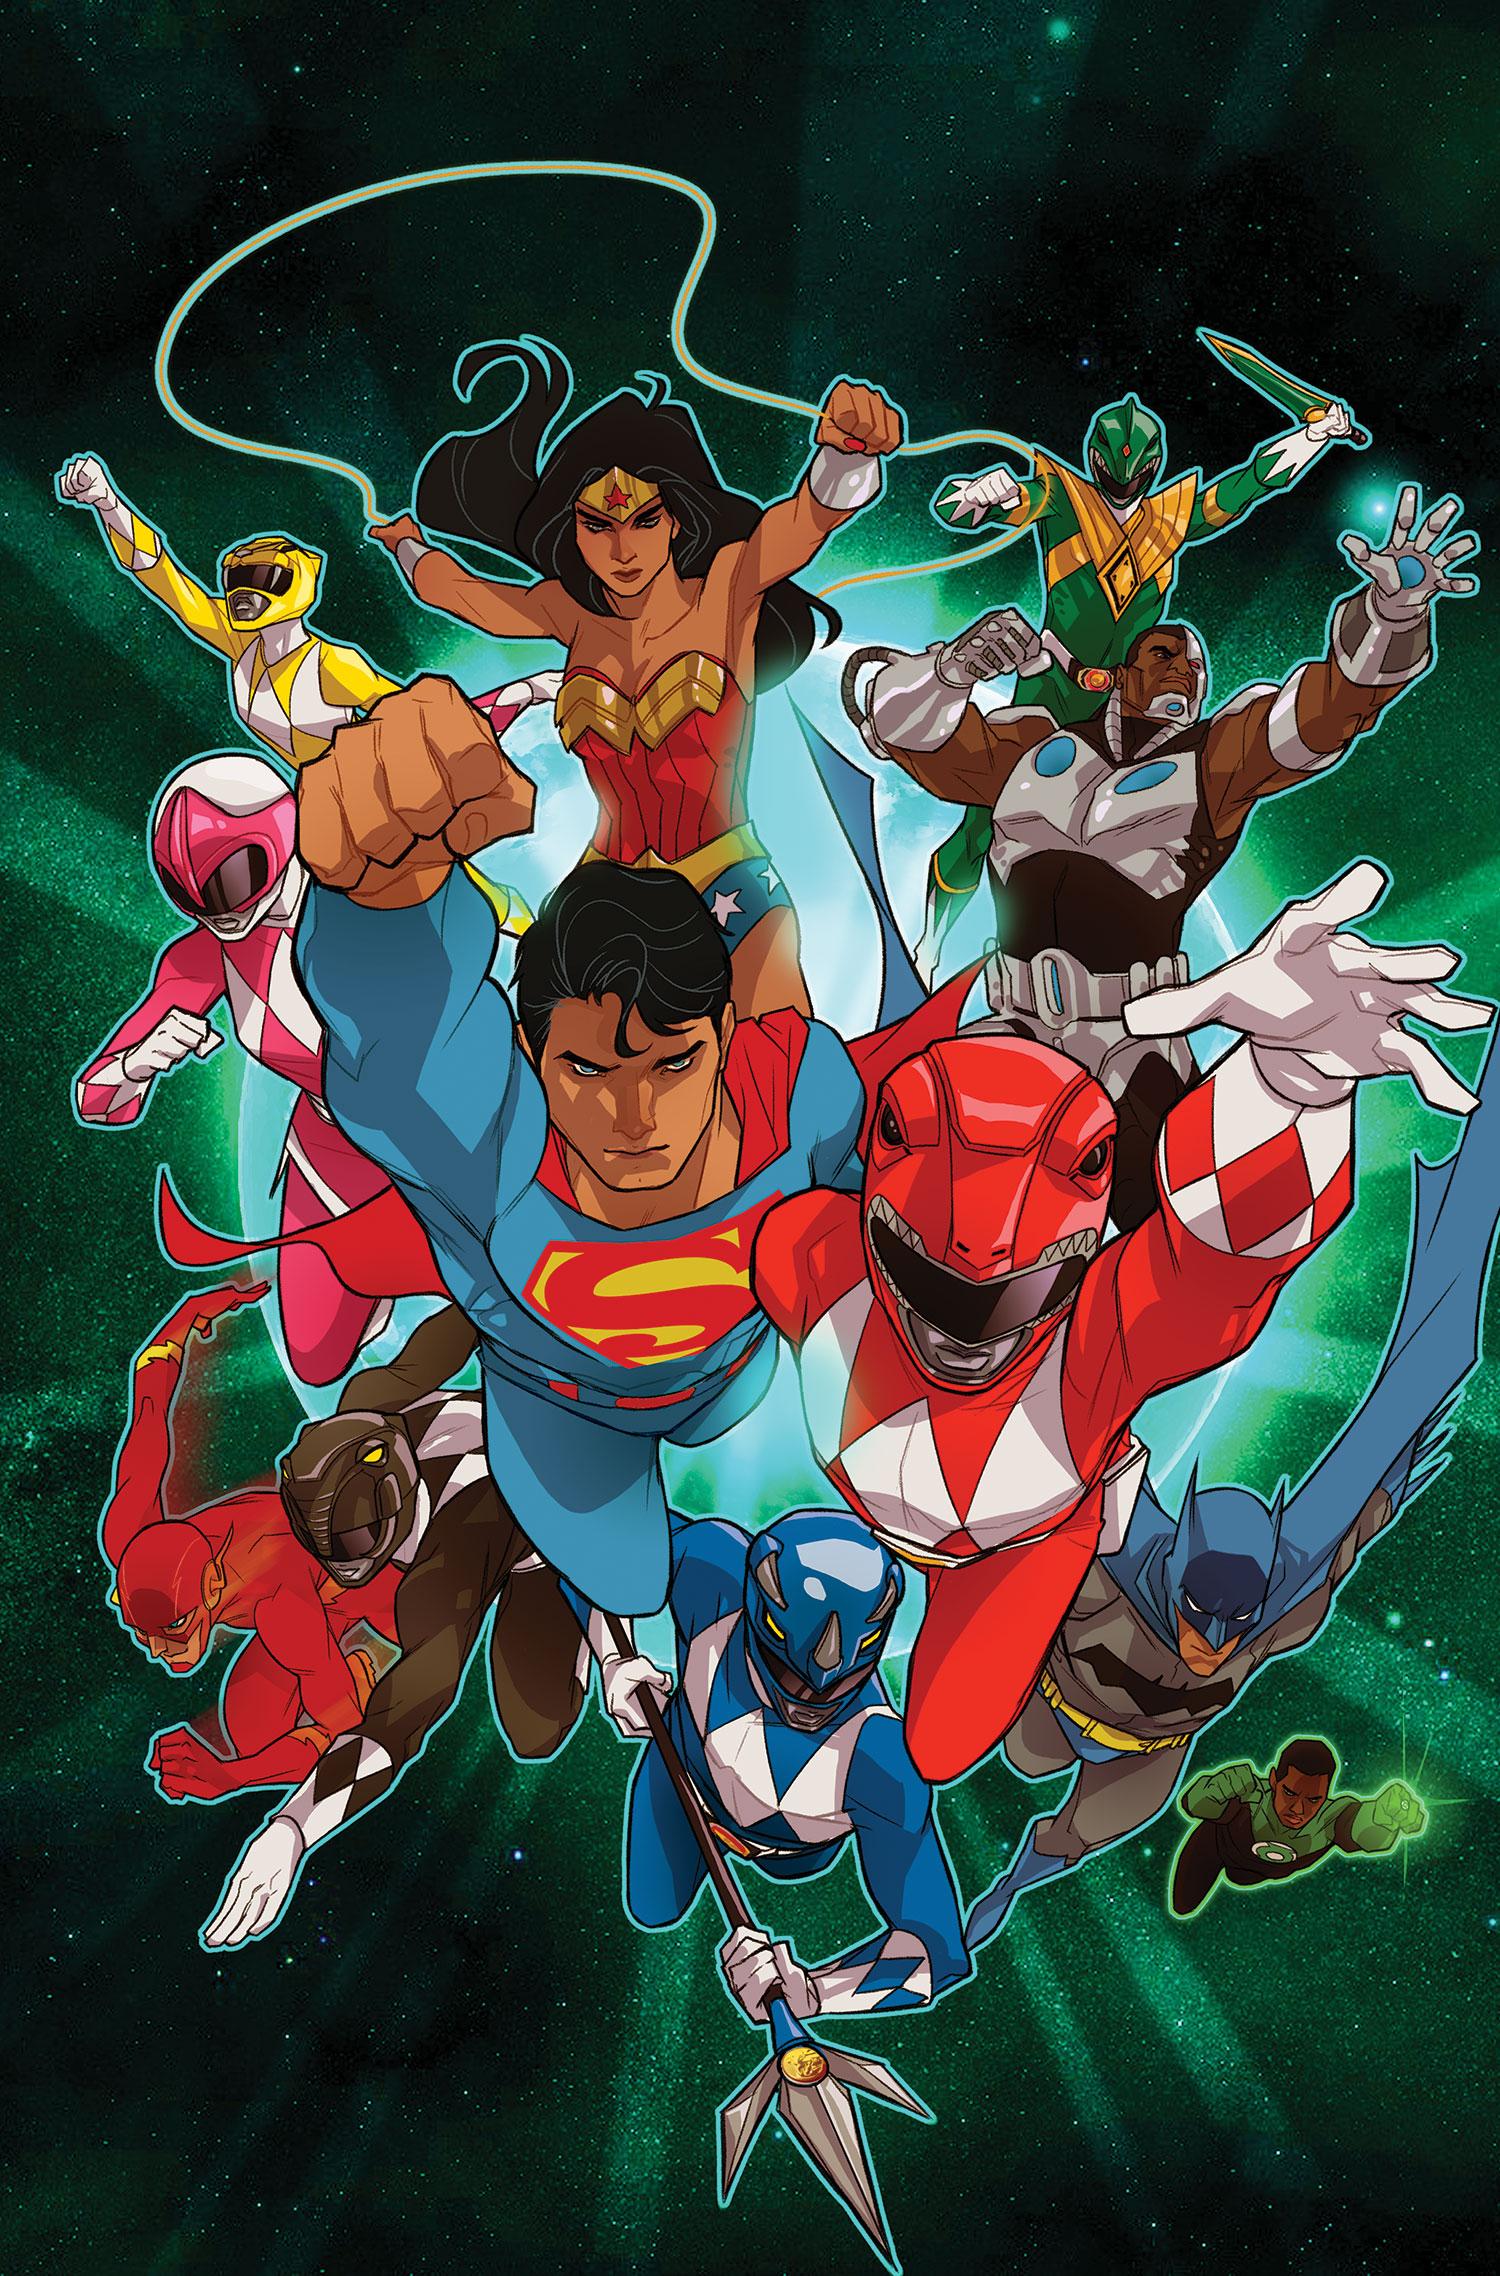 Justice League Power Rangers 2